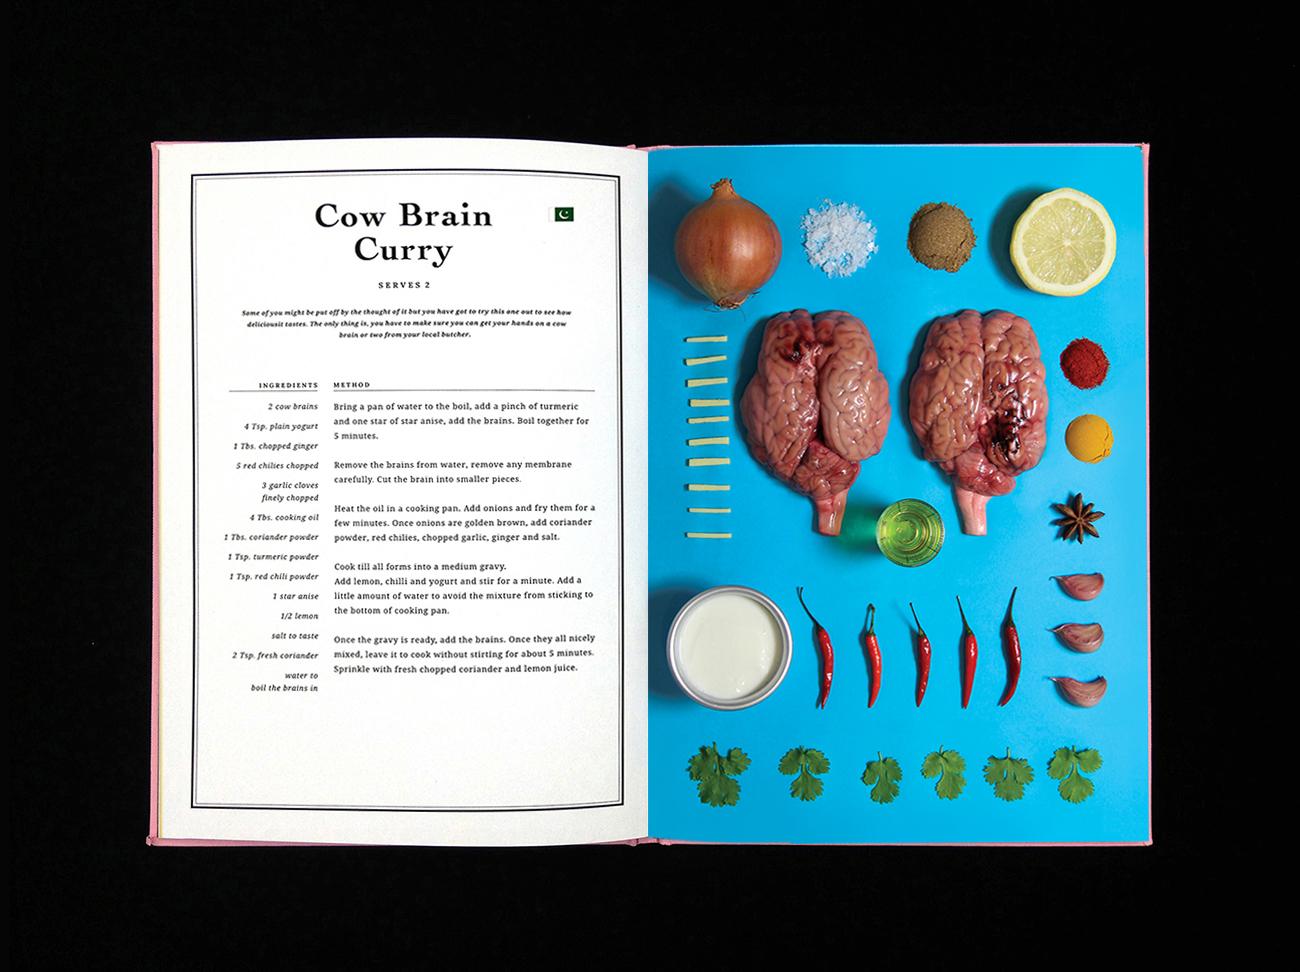 Kyoko Takemura captura con su objetivo la visión conceptual de los alimentos